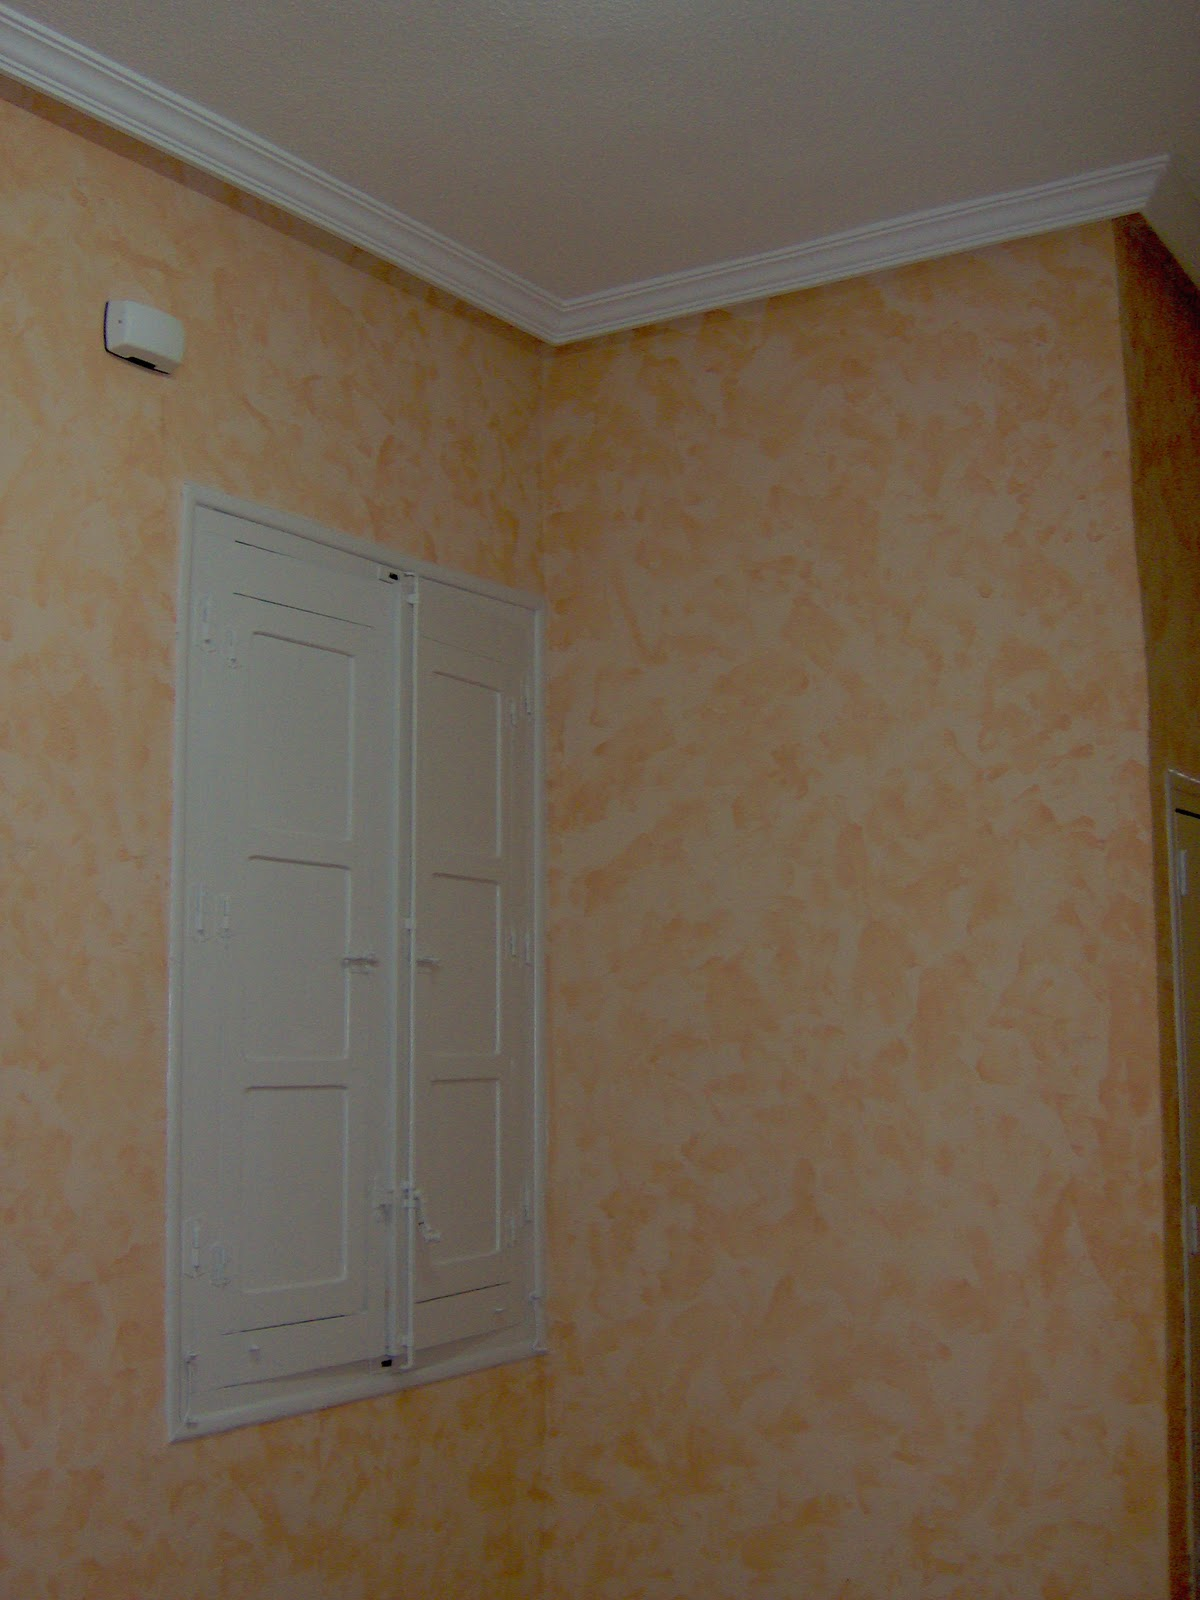 Mu oz decoraci n y reformas reforma de un apartamento en - Decoracion y reformas ...